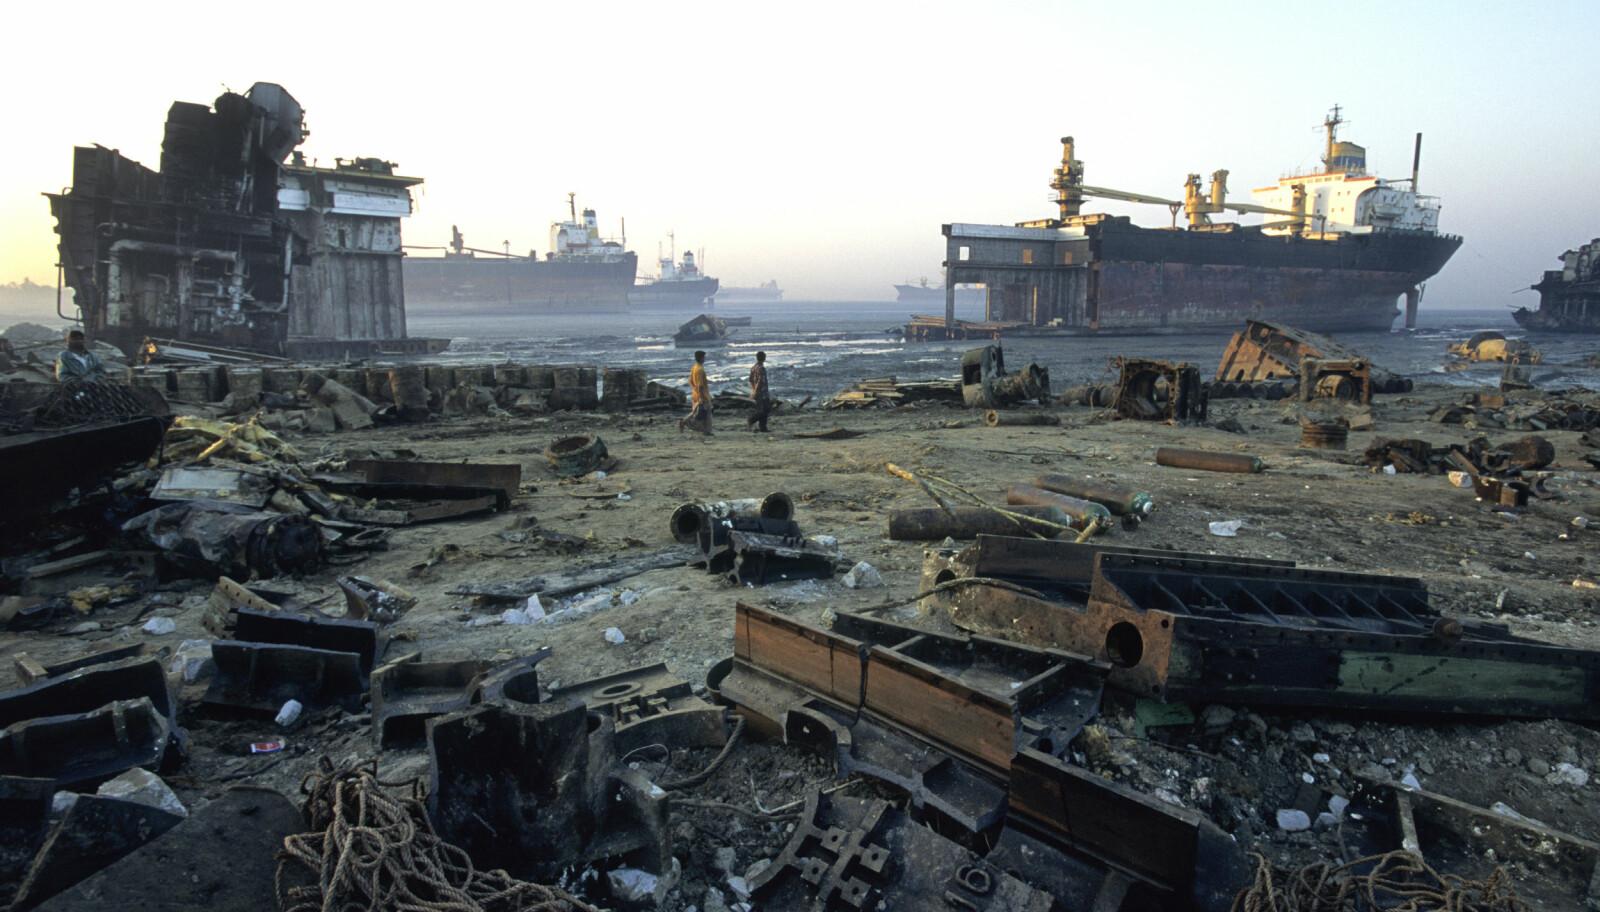 <b>I BANGLADESH:</b> Fra skipsopphoggingsstranda i Chittagong, Bangladesh, hvor skrapmetall, asbest, bly og en rekke andre rester fra opphogde skip ligger strødd på stranda.